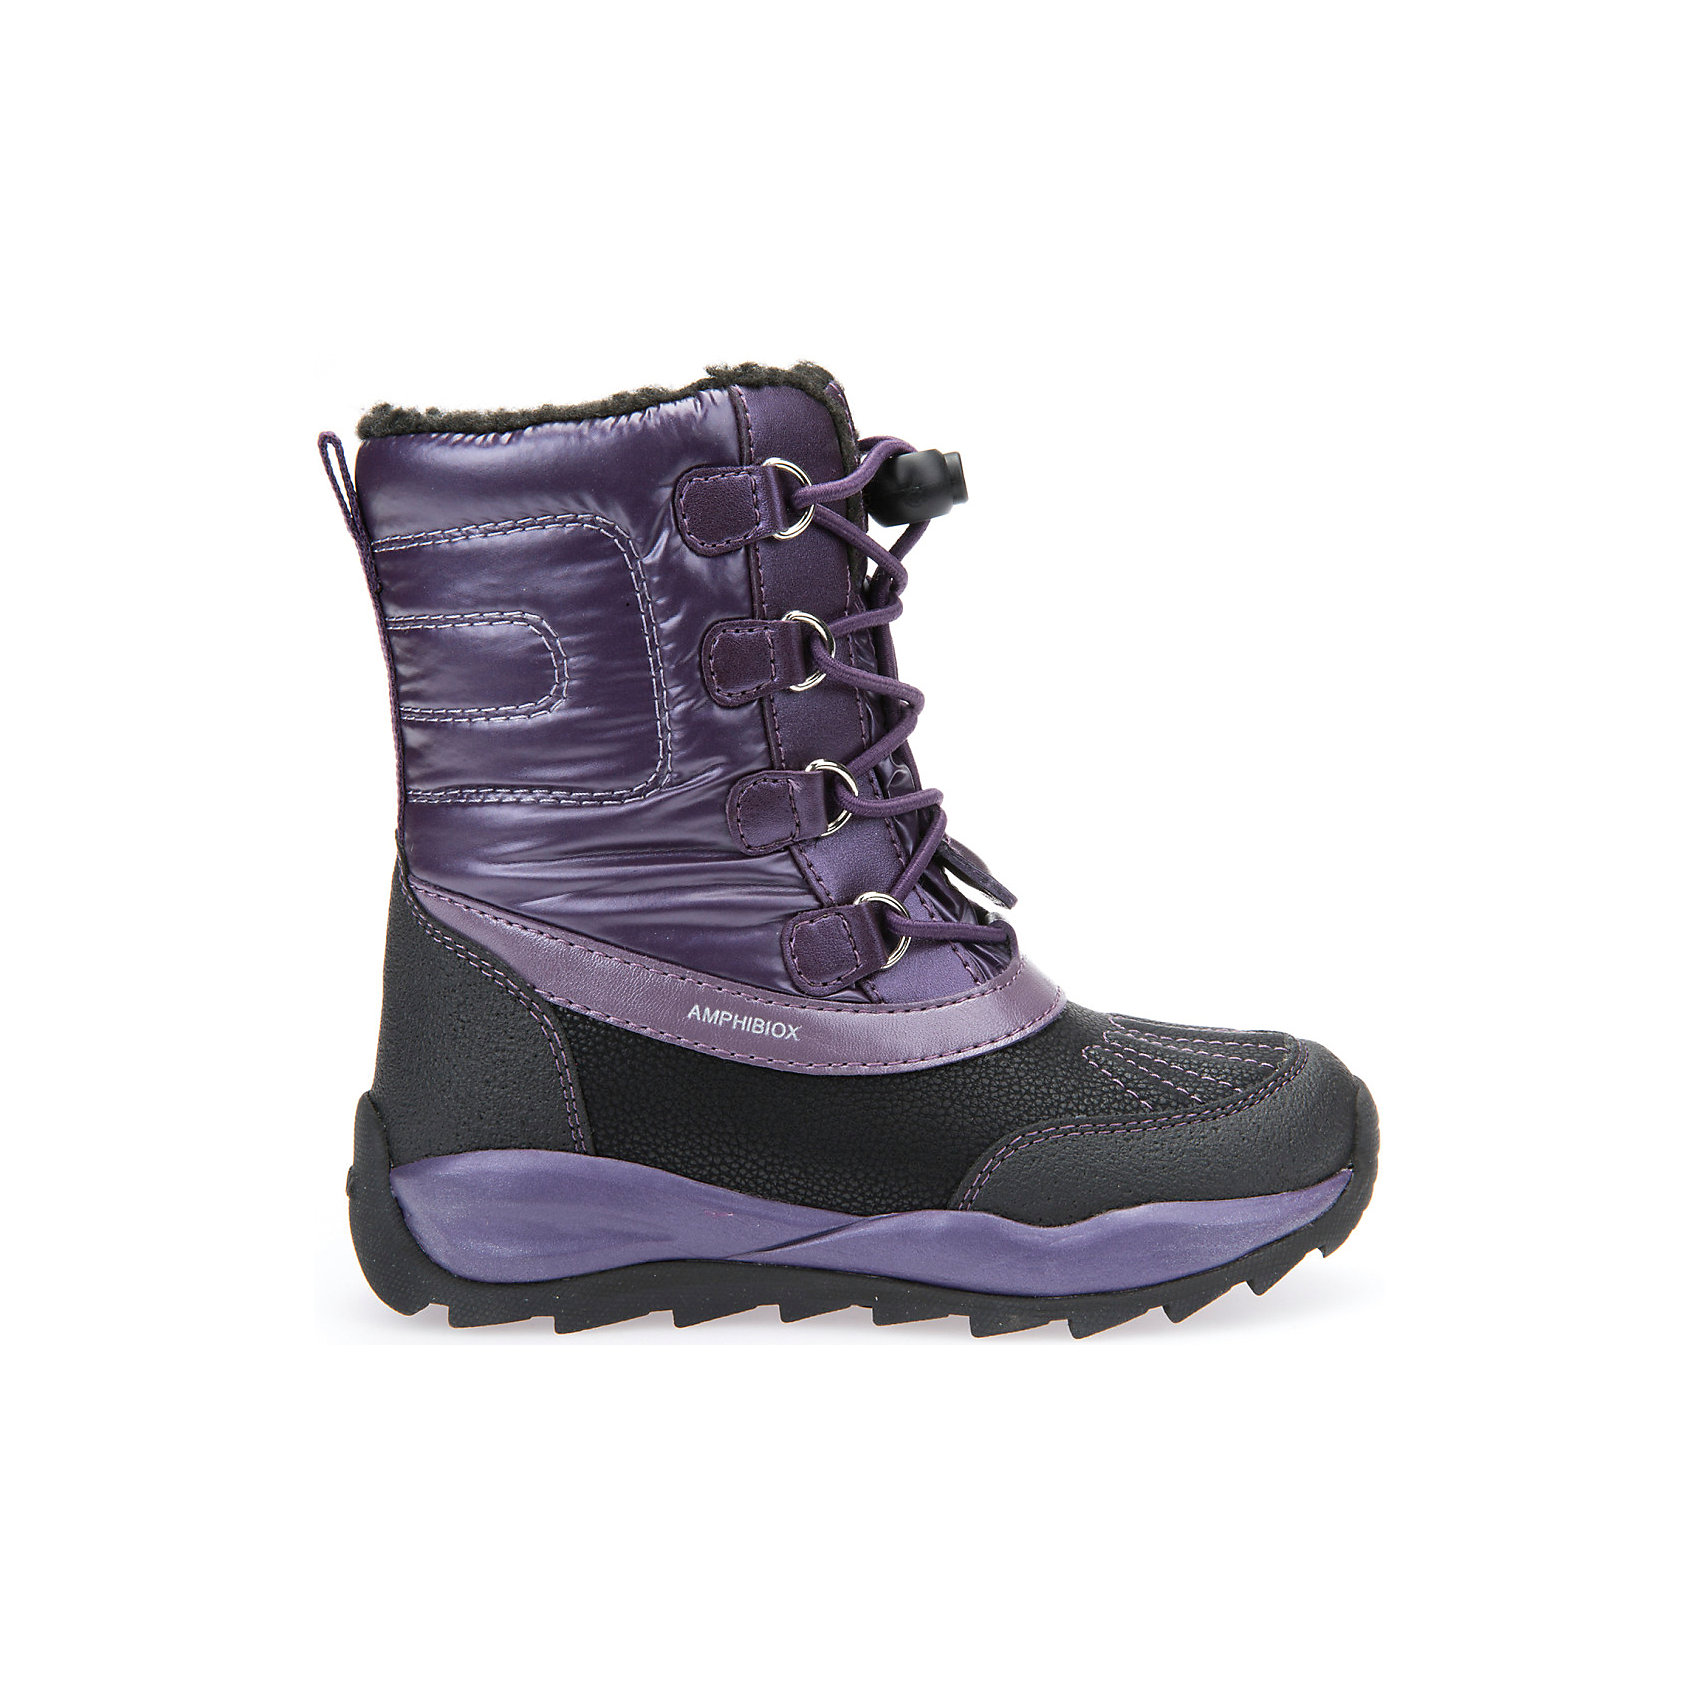 Сноубутсы для девочки GeoxСапоги<br>Полусапожки для девочки GEOX (ГЕОКС)<br>Полусапожки для девочки от GEOX (ГЕОКС) идеально подходят для холодной погоды. Они выполнены из сочетания искусственной кожи и текстиля, имеют подкладку из искусственного меха, текстильную стельку. Тип застежки: шнуровка. Влага не застаивается в обуви, благодаря чему создается идеальный микроклимат, который держит ноги теплыми и сухими, и позволяет им дышать естественно. Колодка соответствует анатомическим особенностям строения детской стопы. Качественная амортизация снижает нагрузку на суставы. Запатентованная гибкая перфорированная подошва со специальной микропористой мембраной обеспечивает естественное дыхание обуви, не пропускает воду, не скользит. Модель имеет усиленный мыс и пятку. <br><br>Дополнительная информация:<br><br>- Сезон: зима<br>- Цвет: фиолетовый, черный<br>- Материал верха: искусственная кожа, текстиль<br>- Внутренний материал: искусственный мех<br>- Материал стельки: текстиль<br>- Материал подошвы: резина<br>- Тип застежки: шнуровка<br>- Высота голенища/задника: 14 см.<br>- Детали обуви: контрастная отстрочка<br>- Высота платформы: 1 см.<br>- Высота подошвы: 3 см.<br>- Технология Amphibiox<br>- Материалы и продукция прошли специальную проверку T?V S?D, на отсутствие веществ, опасных для здоровья покупателей<br><br>Полусапожки для девочки GEOX (ГЕОКС) можно купить в нашем интернет-магазине.<br><br>Ширина мм: 257<br>Глубина мм: 180<br>Высота мм: 130<br>Вес г: 420<br>Цвет: фиолетовый<br>Возраст от месяцев: 120<br>Возраст до месяцев: 132<br>Пол: Женский<br>Возраст: Детский<br>Размер: 34,28,27,29,26,30,31,32,33<br>SKU: 4812493